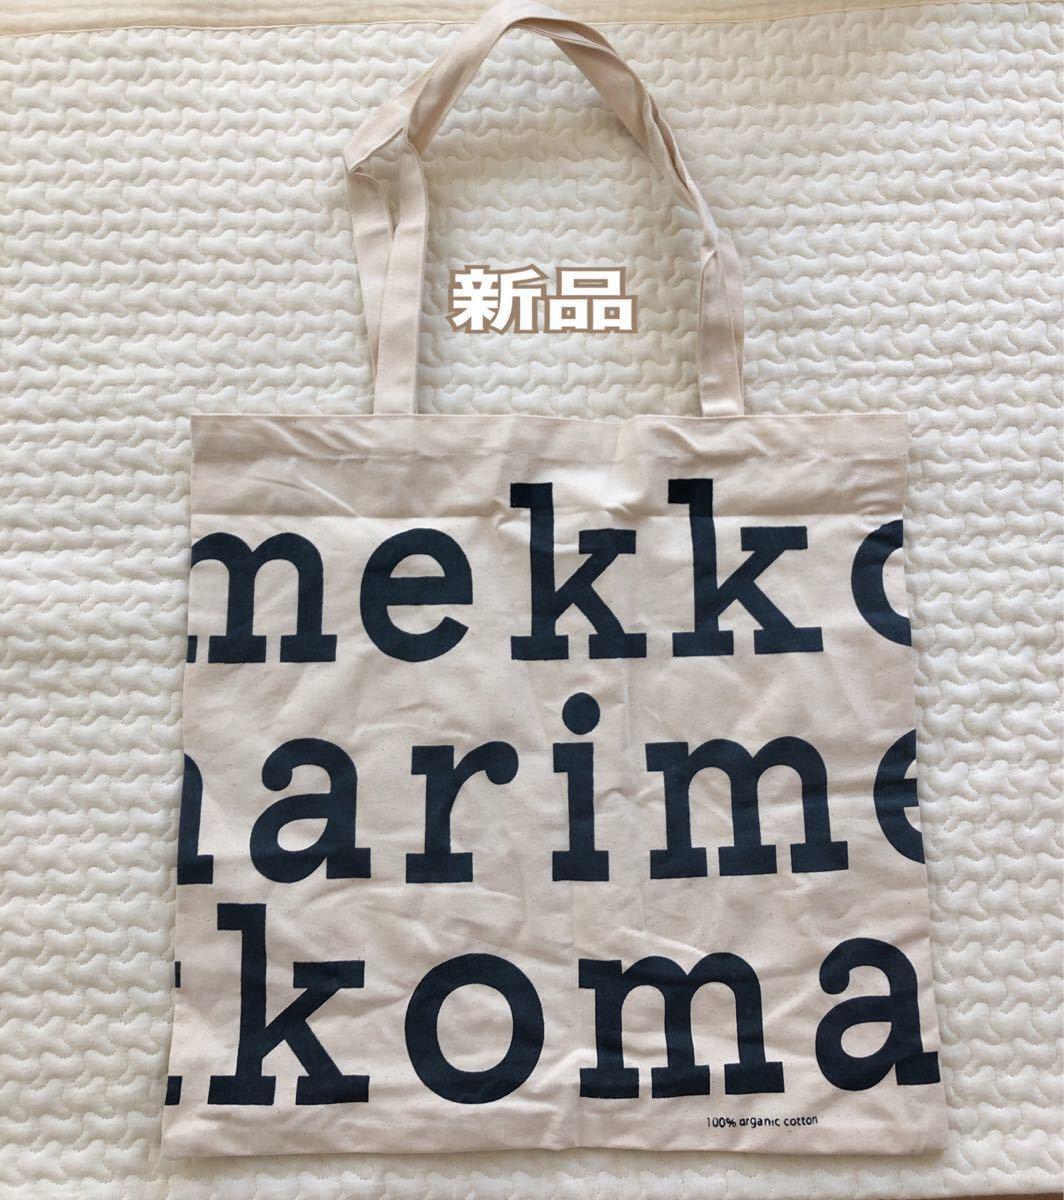 マリメッコ トートバッグ エコバッグ 肩掛け ロゴ 北欧 手提げバッグ 新品